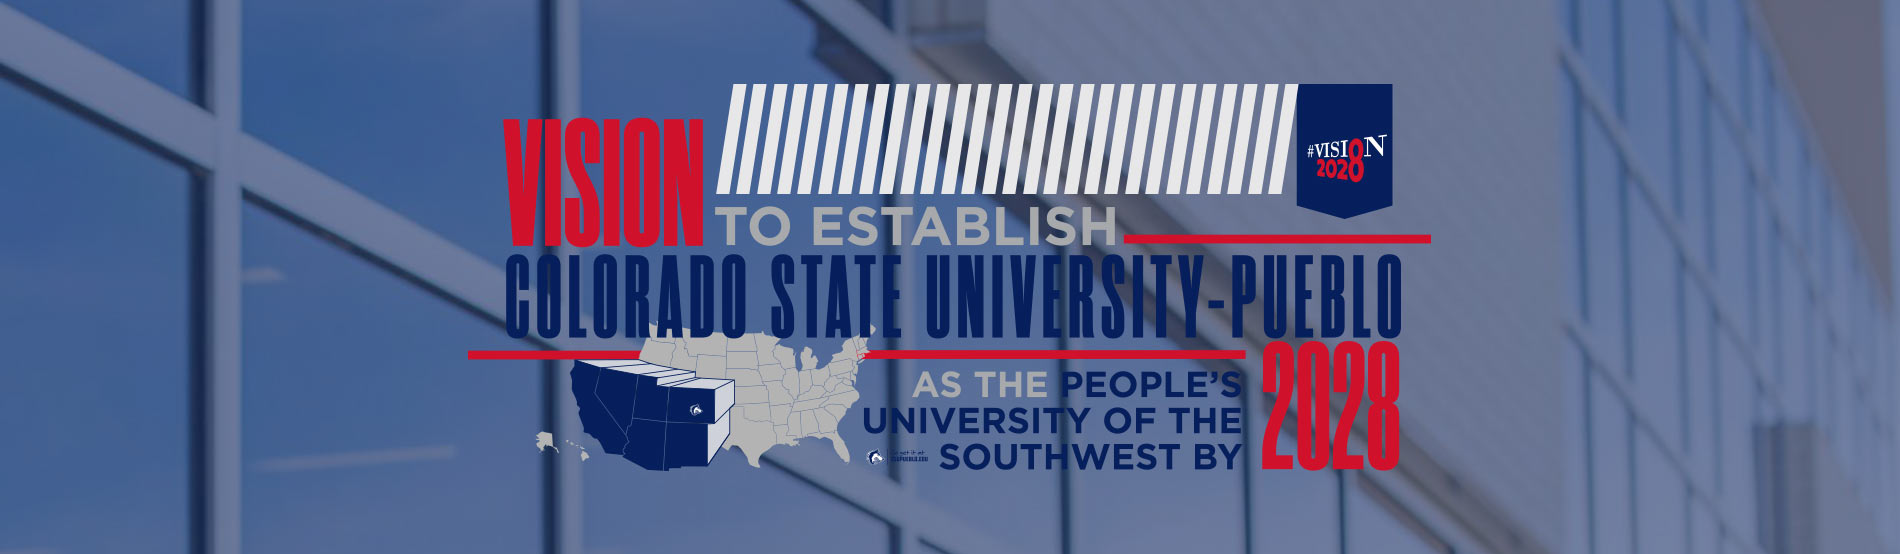 bd7252936d2 Colorado State University-Pueblo